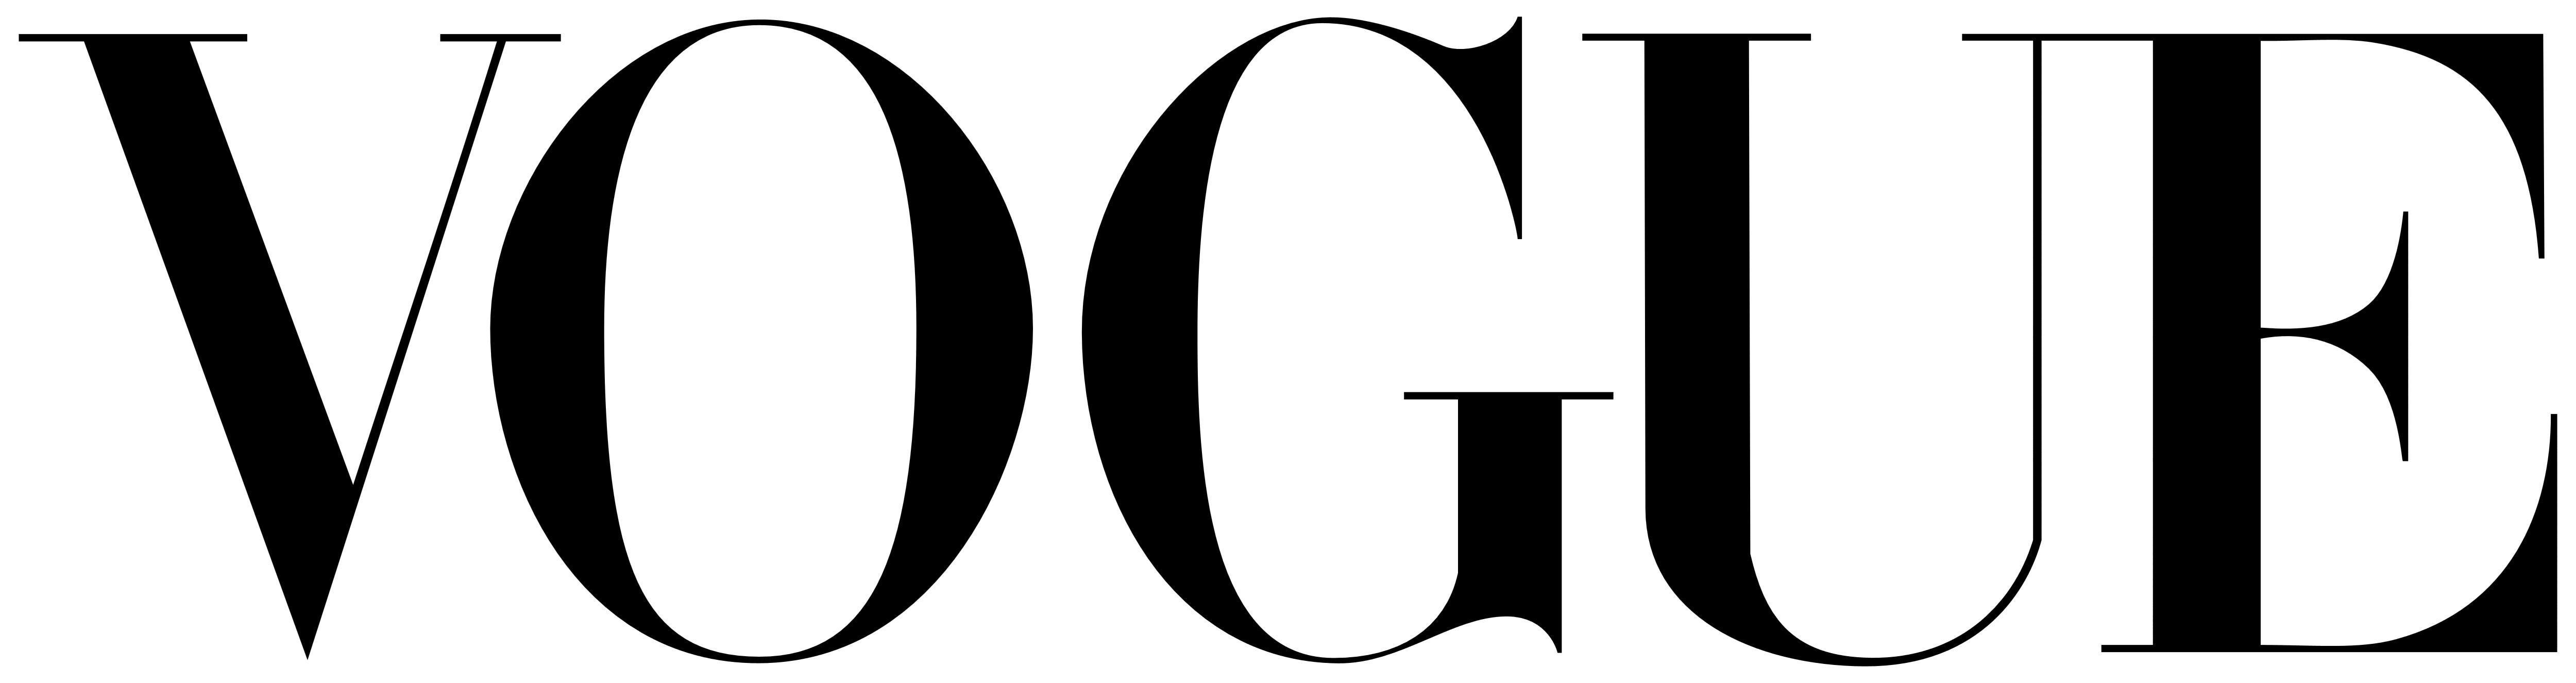 Bespoke Ibiza partner Logo